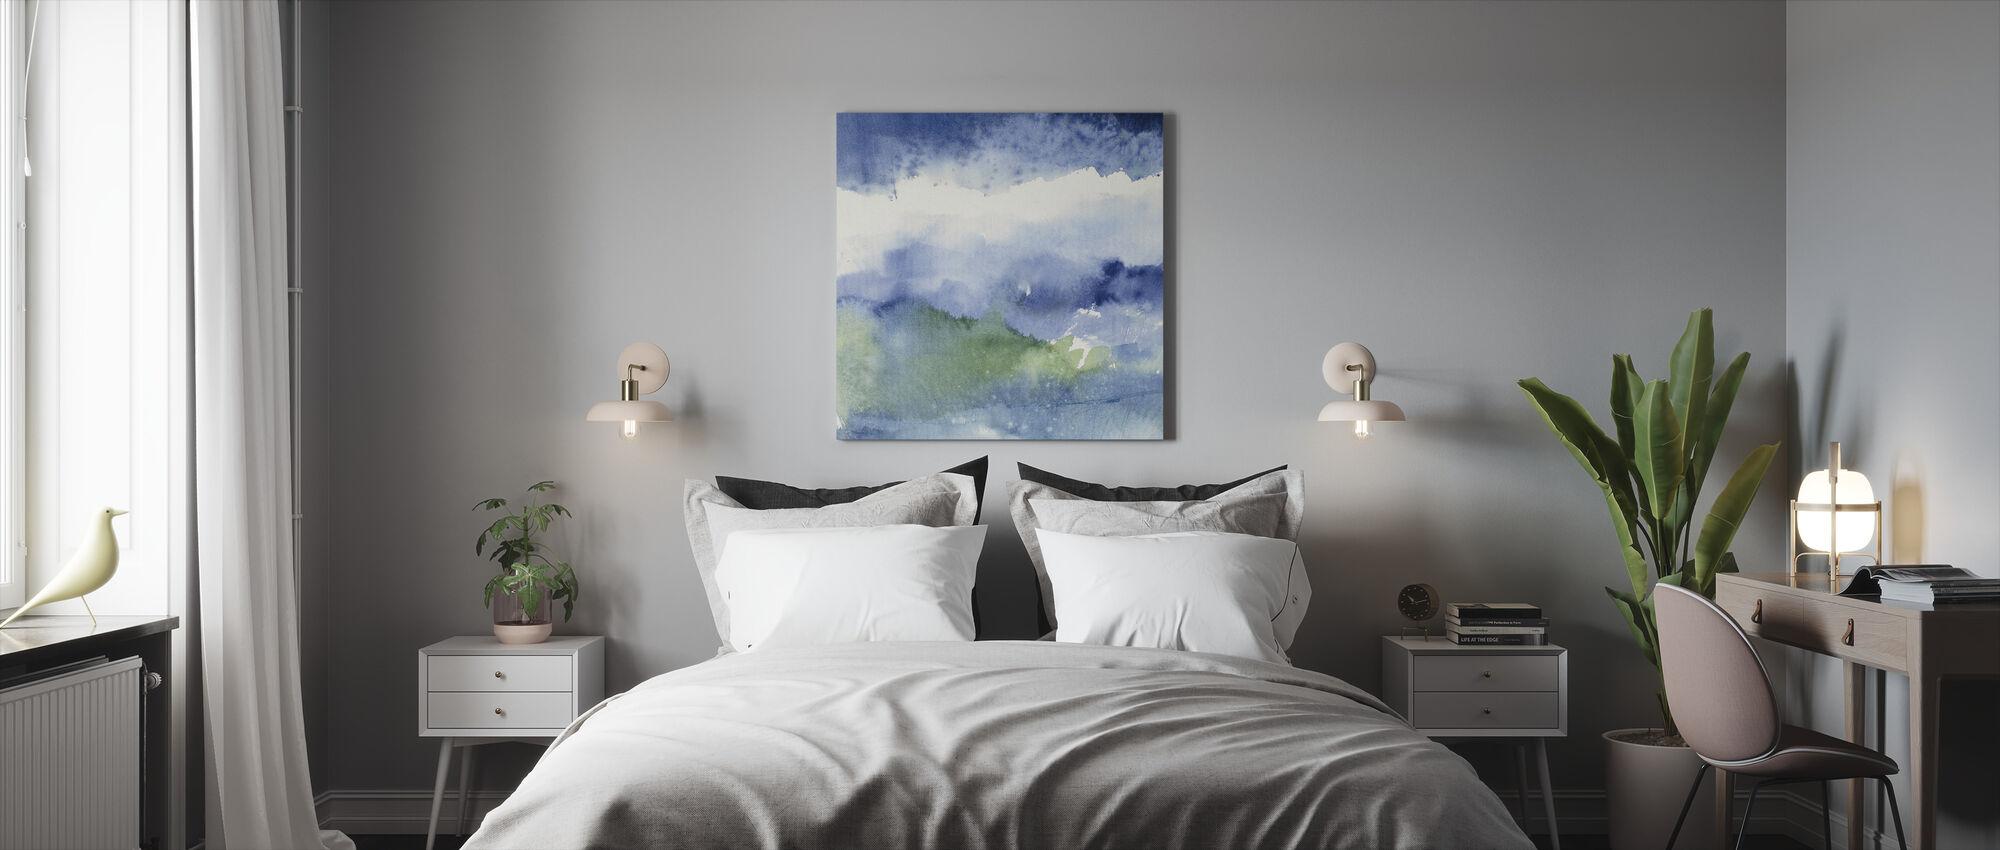 Minuit au lac 2 - Impression sur toile - Chambre